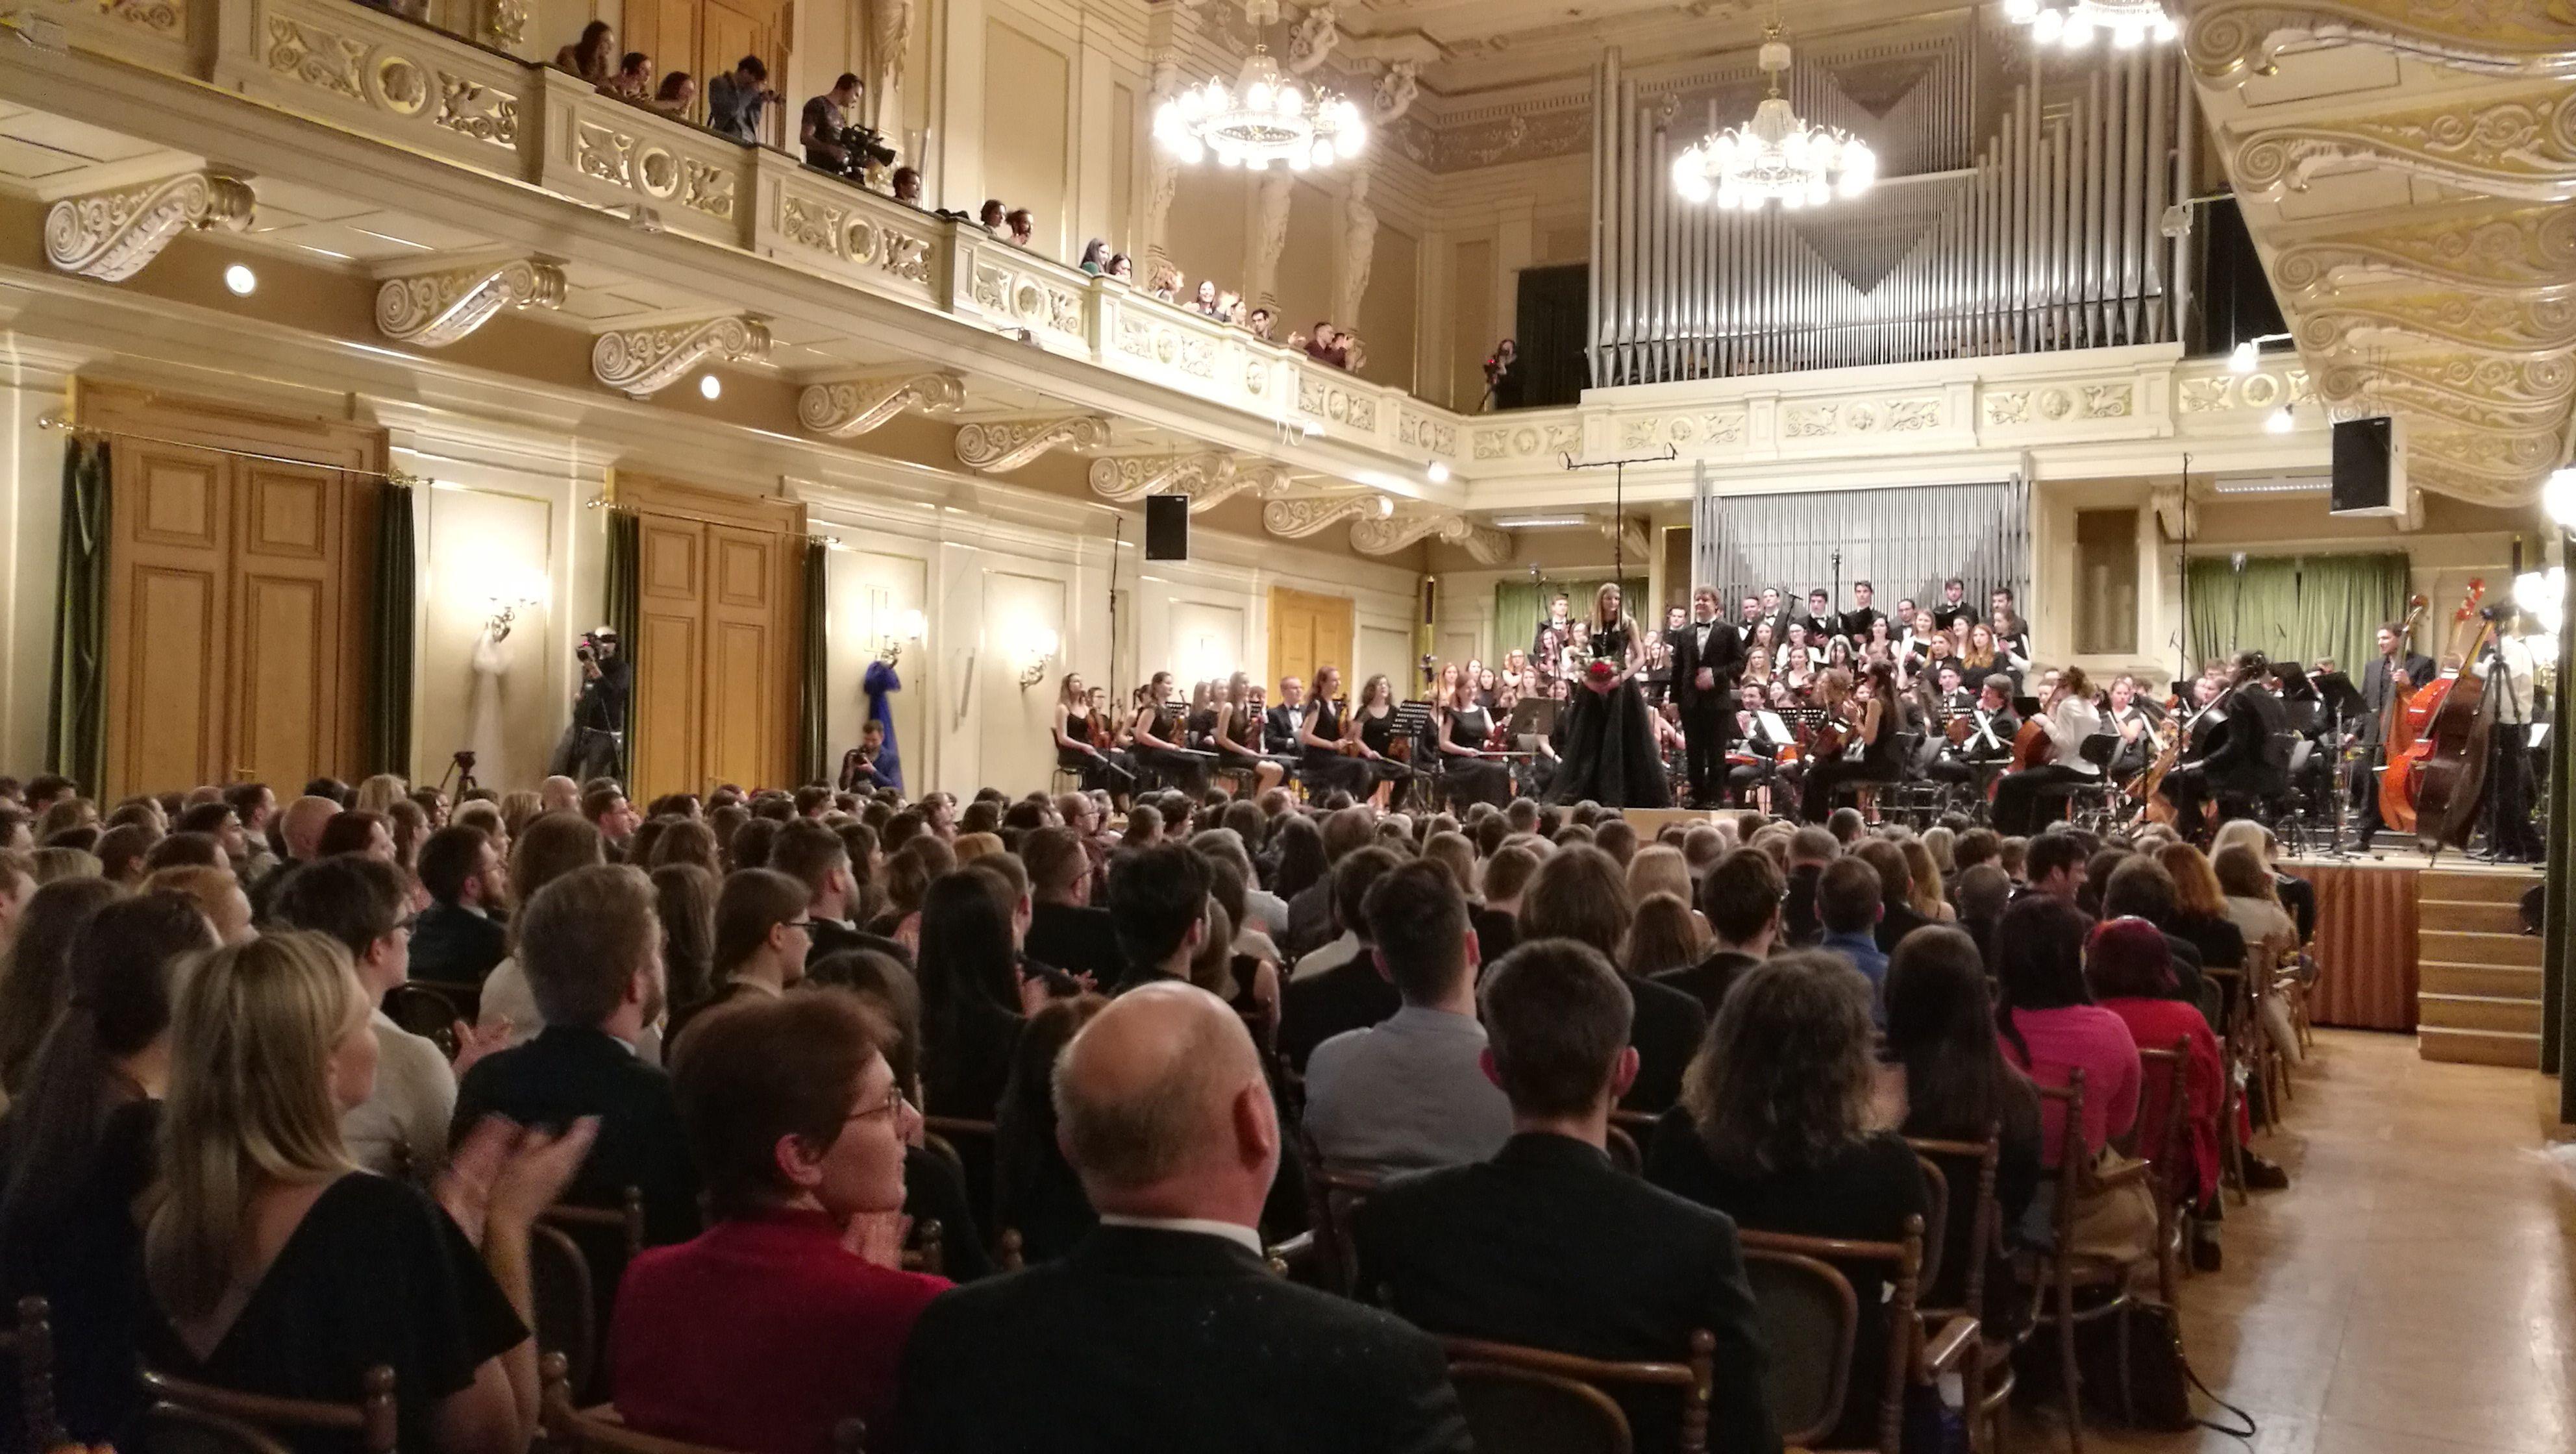 Slávnostný koncert Symfonického orchestru a Pěveckého zboru MU 2019